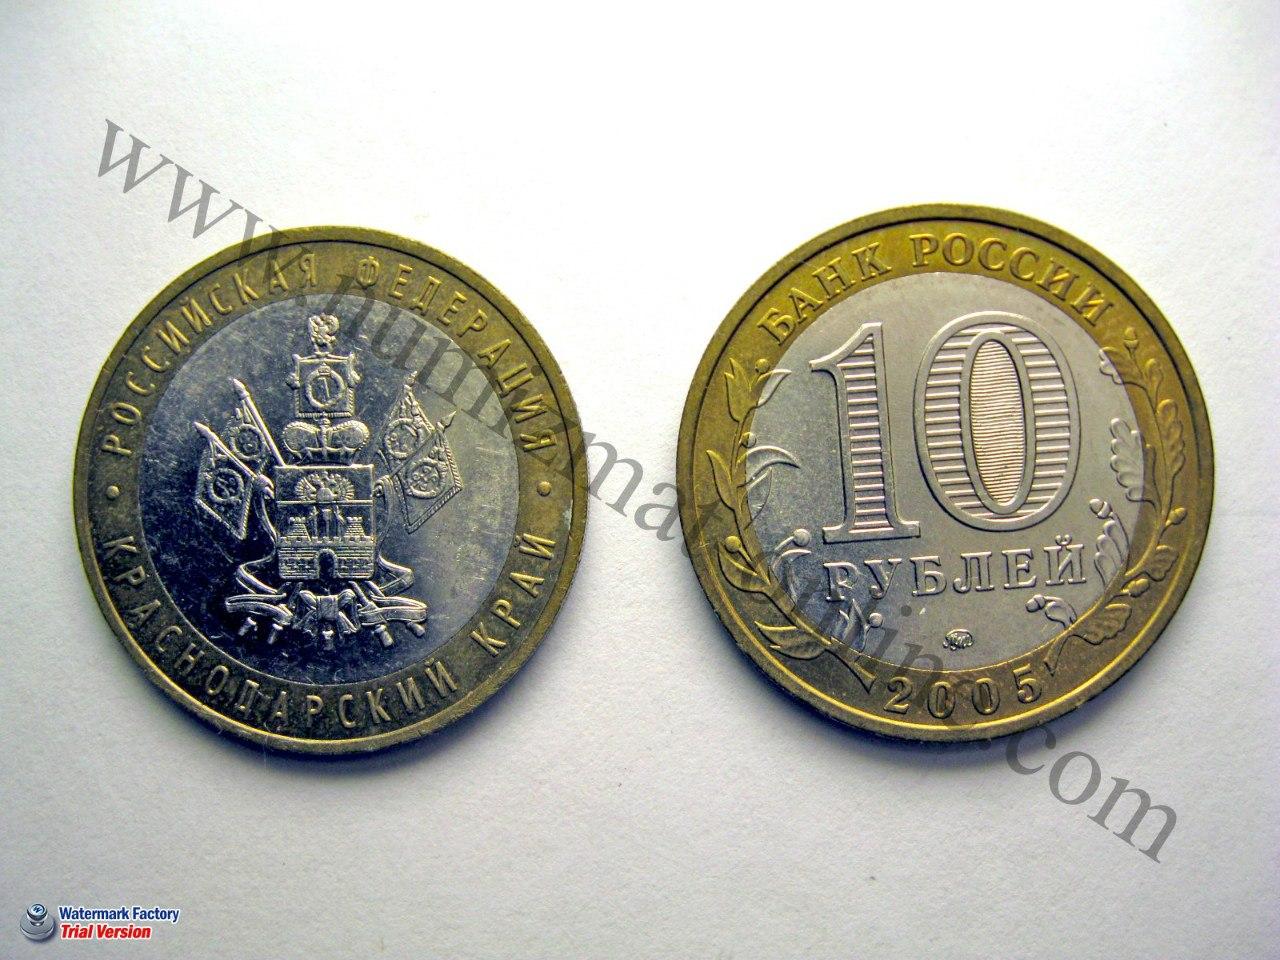 Краснодарский Край. 10 рублей. Российская Федерация